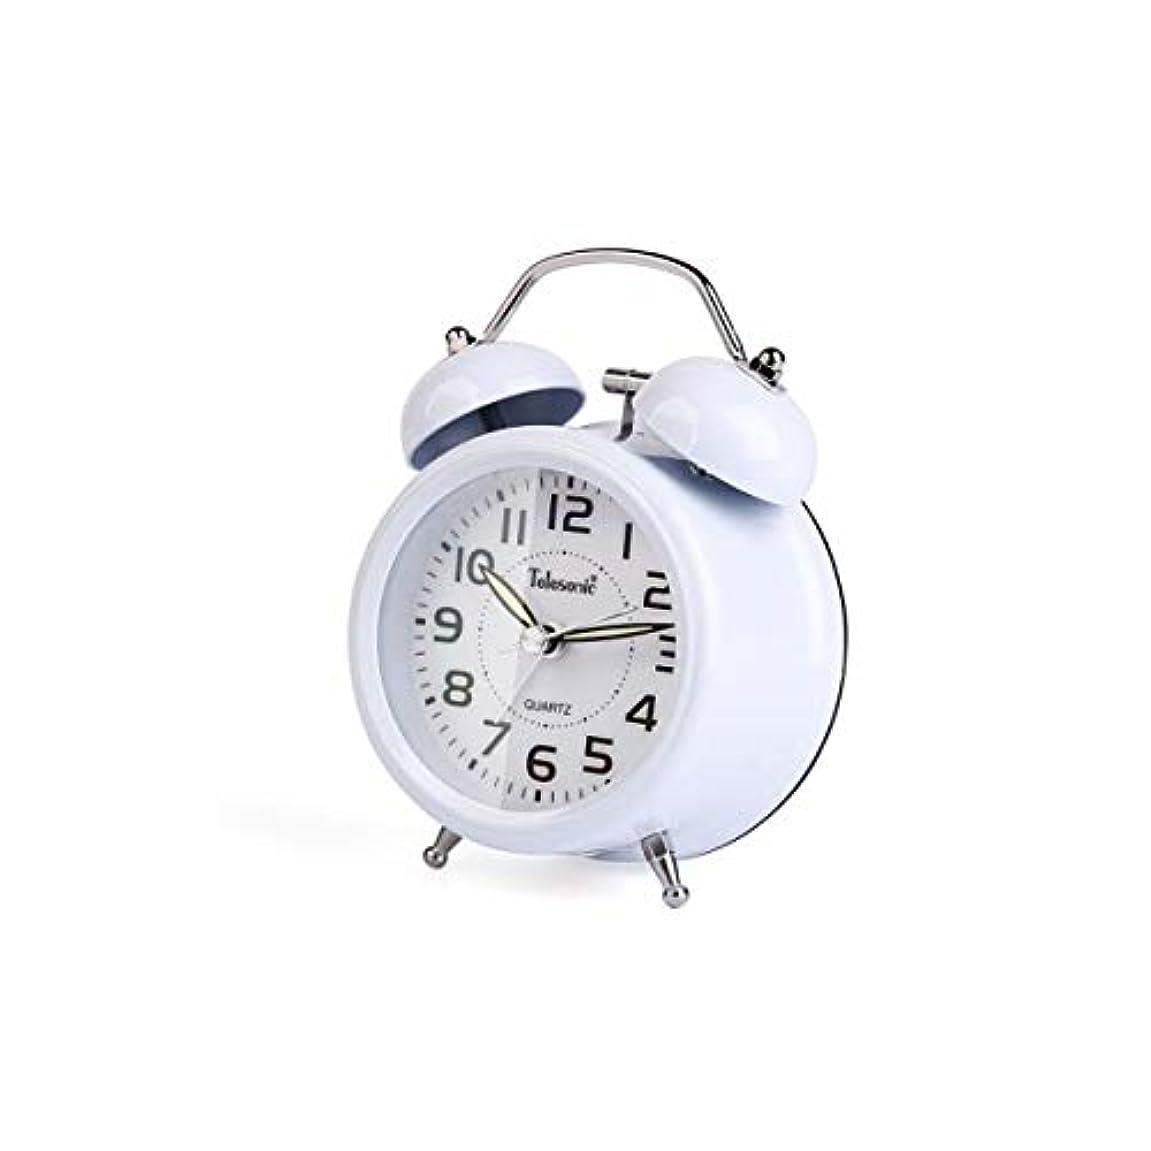 メロドラマボランティア適度にQiyuezhuangshi001 目覚まし時計、学生の目覚まし時計、シンプルで静かな、明るい時計黒、寝室のベッドサイド時計(11.8 * 5.5 * 15.8cm) 材料の安全性 (Color : White, Size : Three inches)